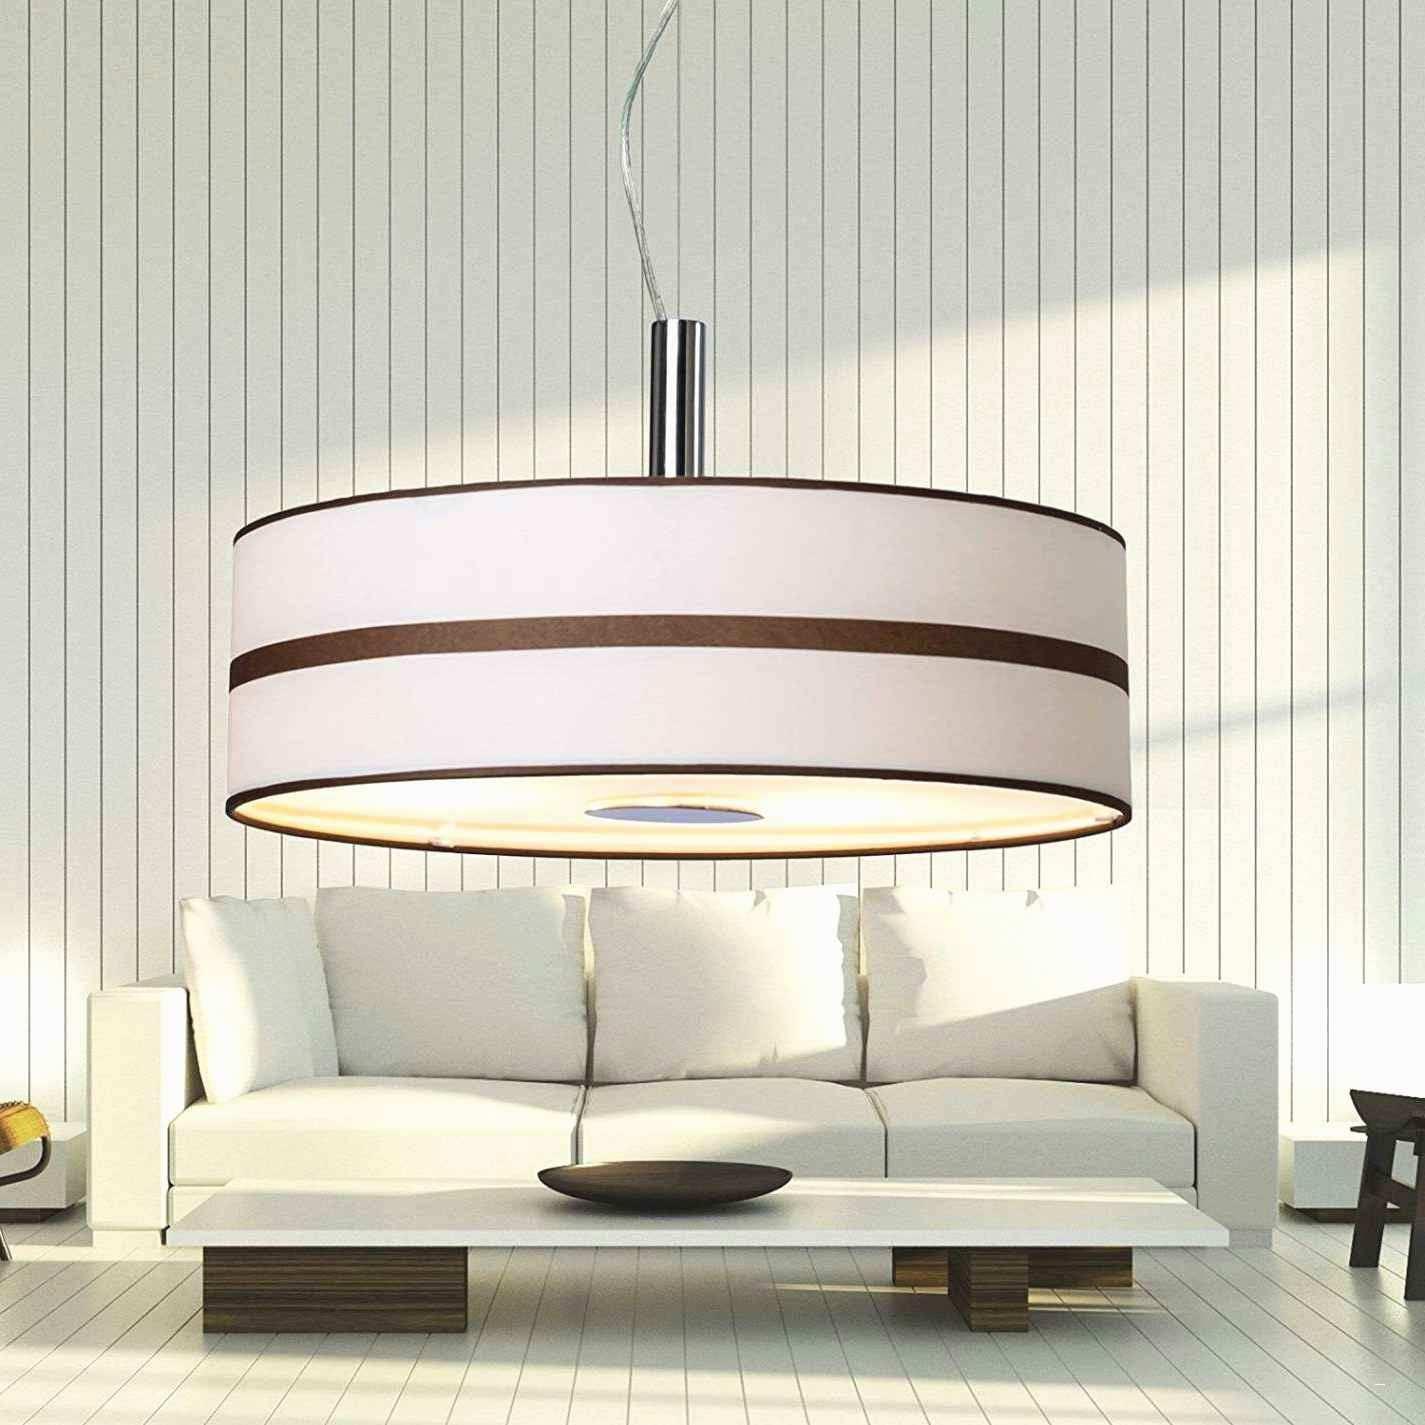 Full Size of Design Pendelleuchte Esszimmer Neu 42 Einzigartig Esstisch Lampen Stühle Massivholz Massiver Rund Sofa Für Oval Weiß Mit Baumkante Ovaler Günstig Designer Esstische Lampen Esstisch